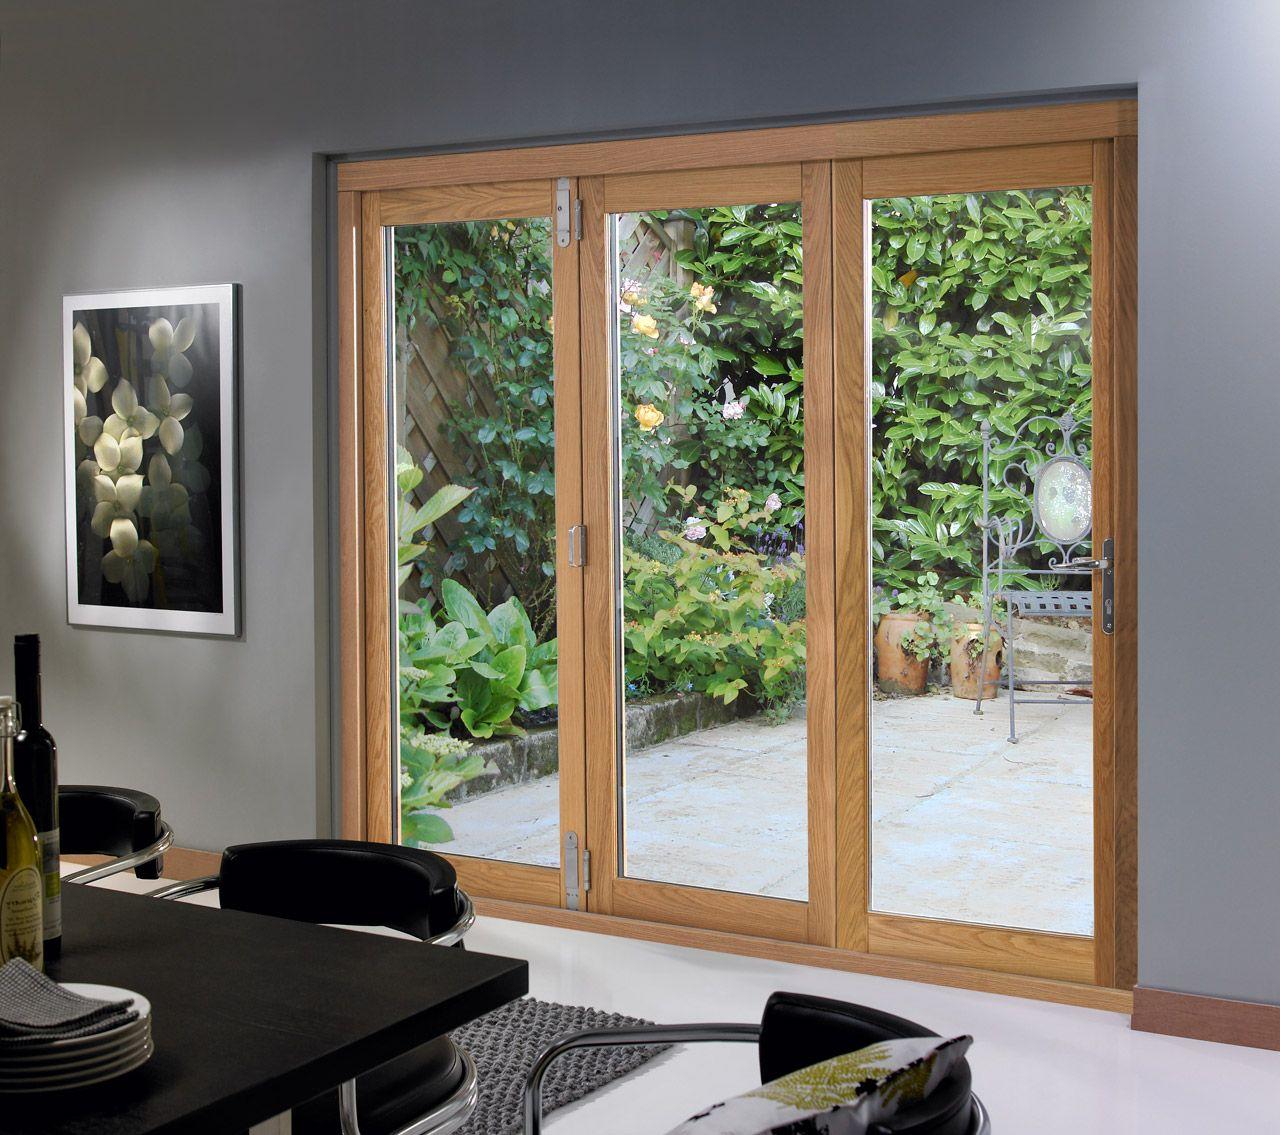 3 panel sliding patio door glass